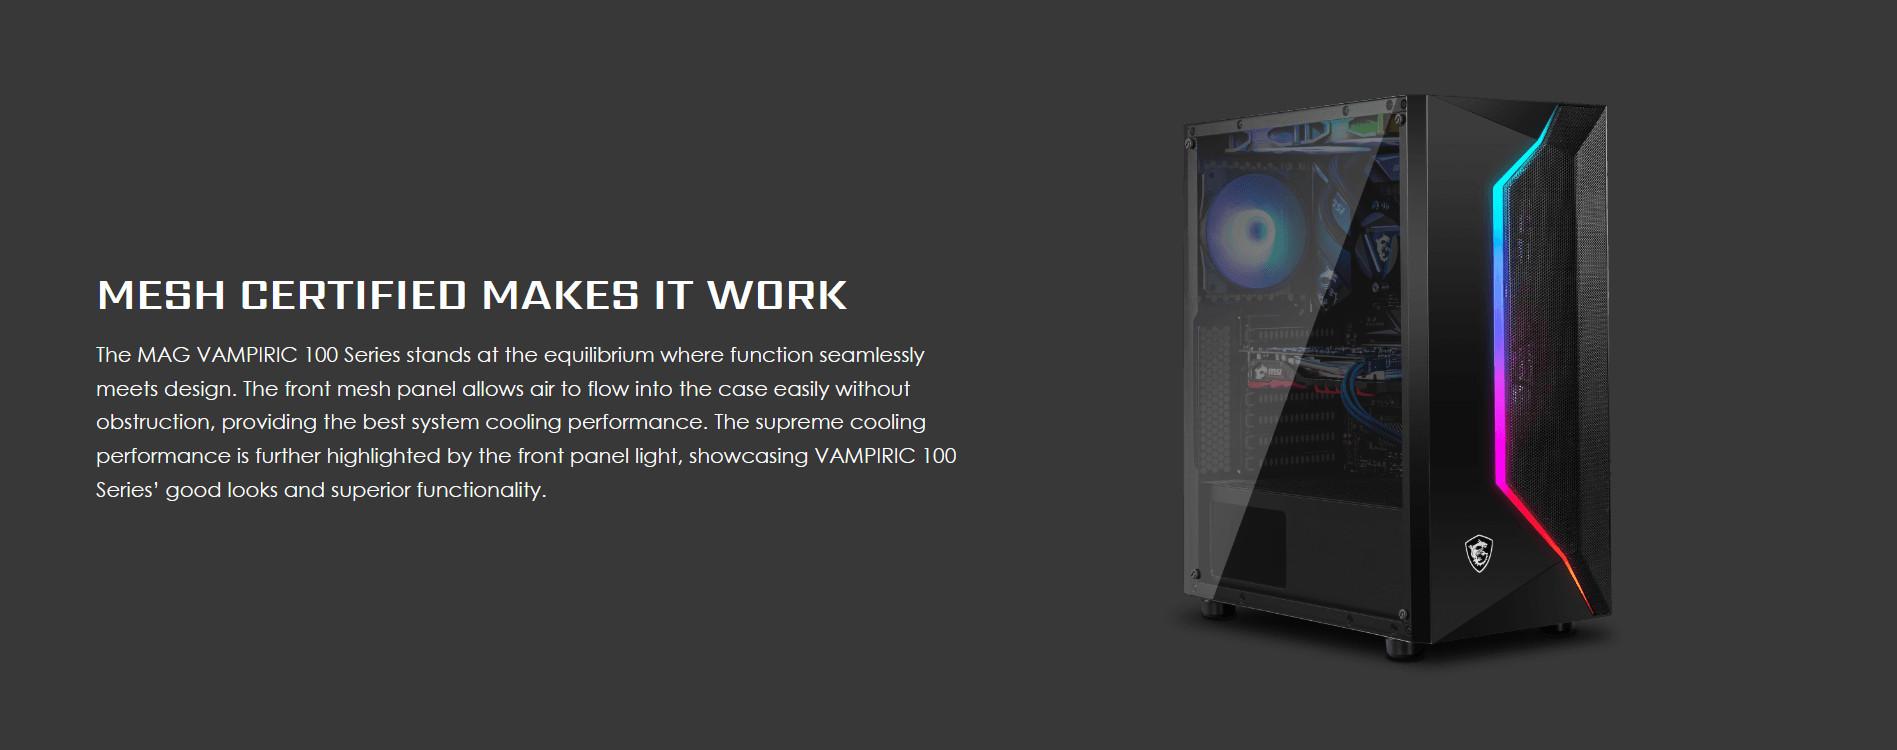 Vỏ Case MSI MAG VAMPIRIC 100L được trang bị đầy đủ các tính năng cần thiết